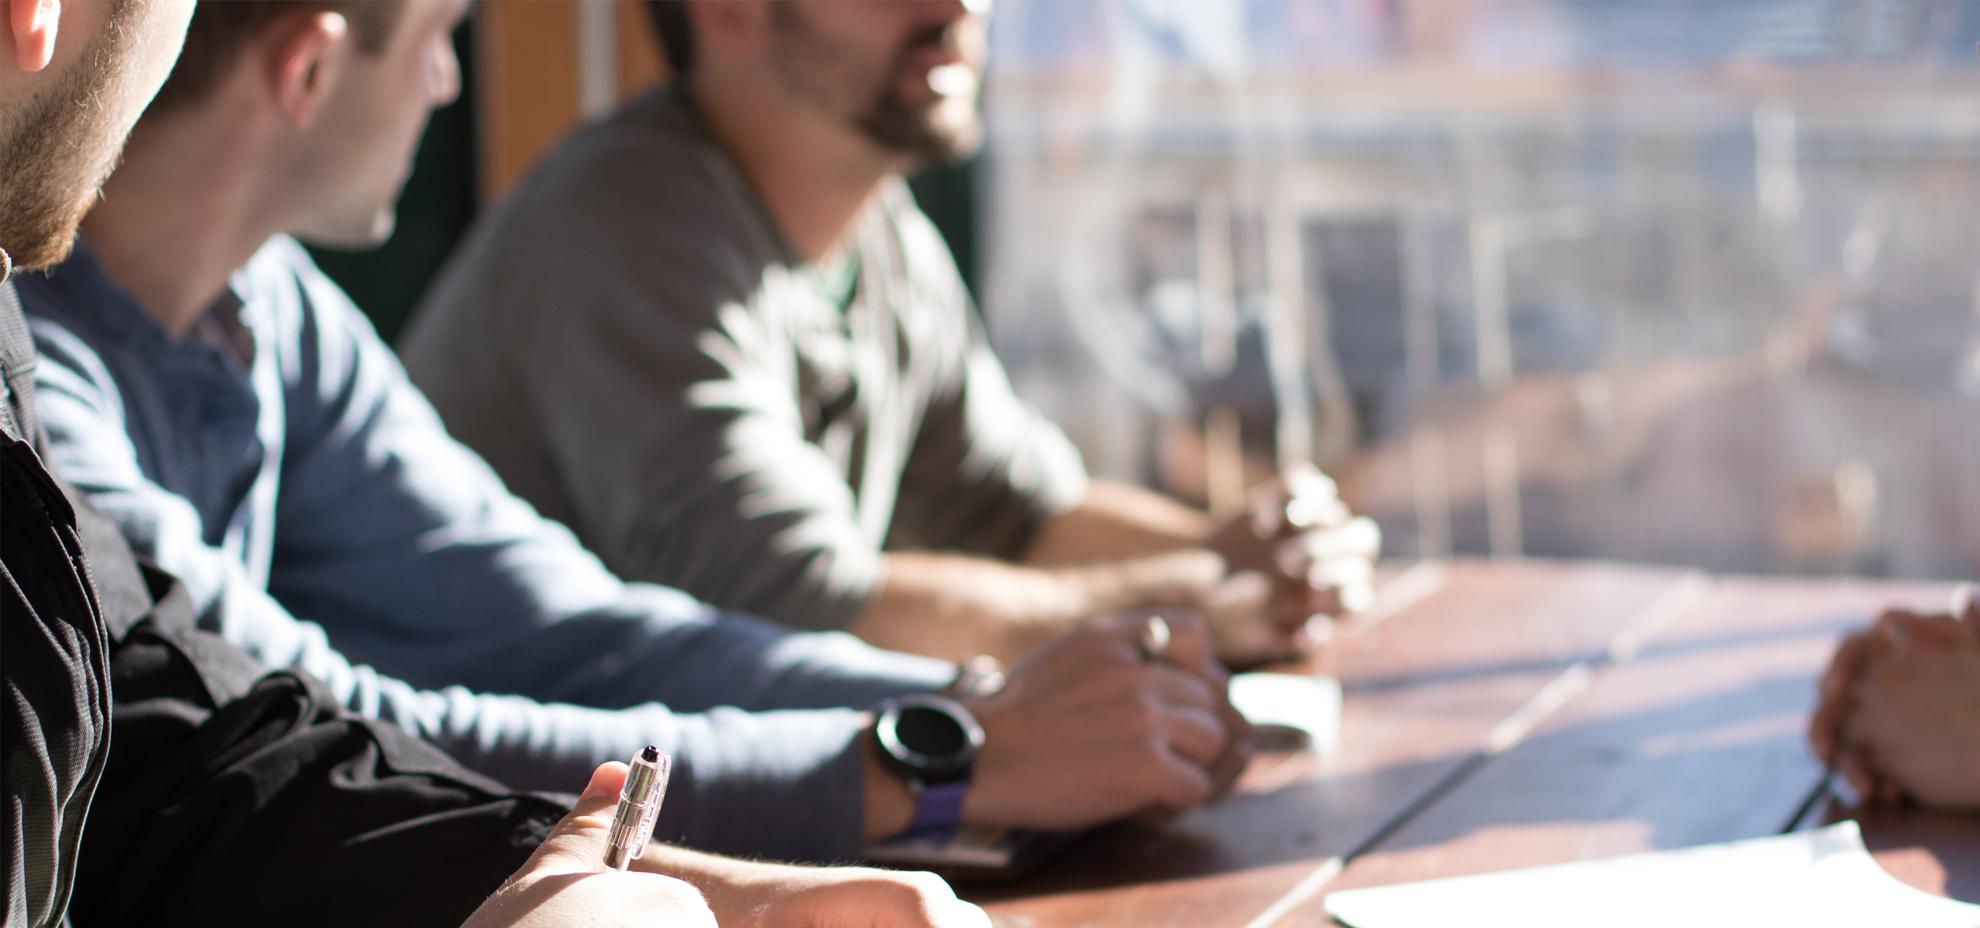 Unternehmen ... Wie halten wir Mitarbeitende arbeitsmarktfähig?